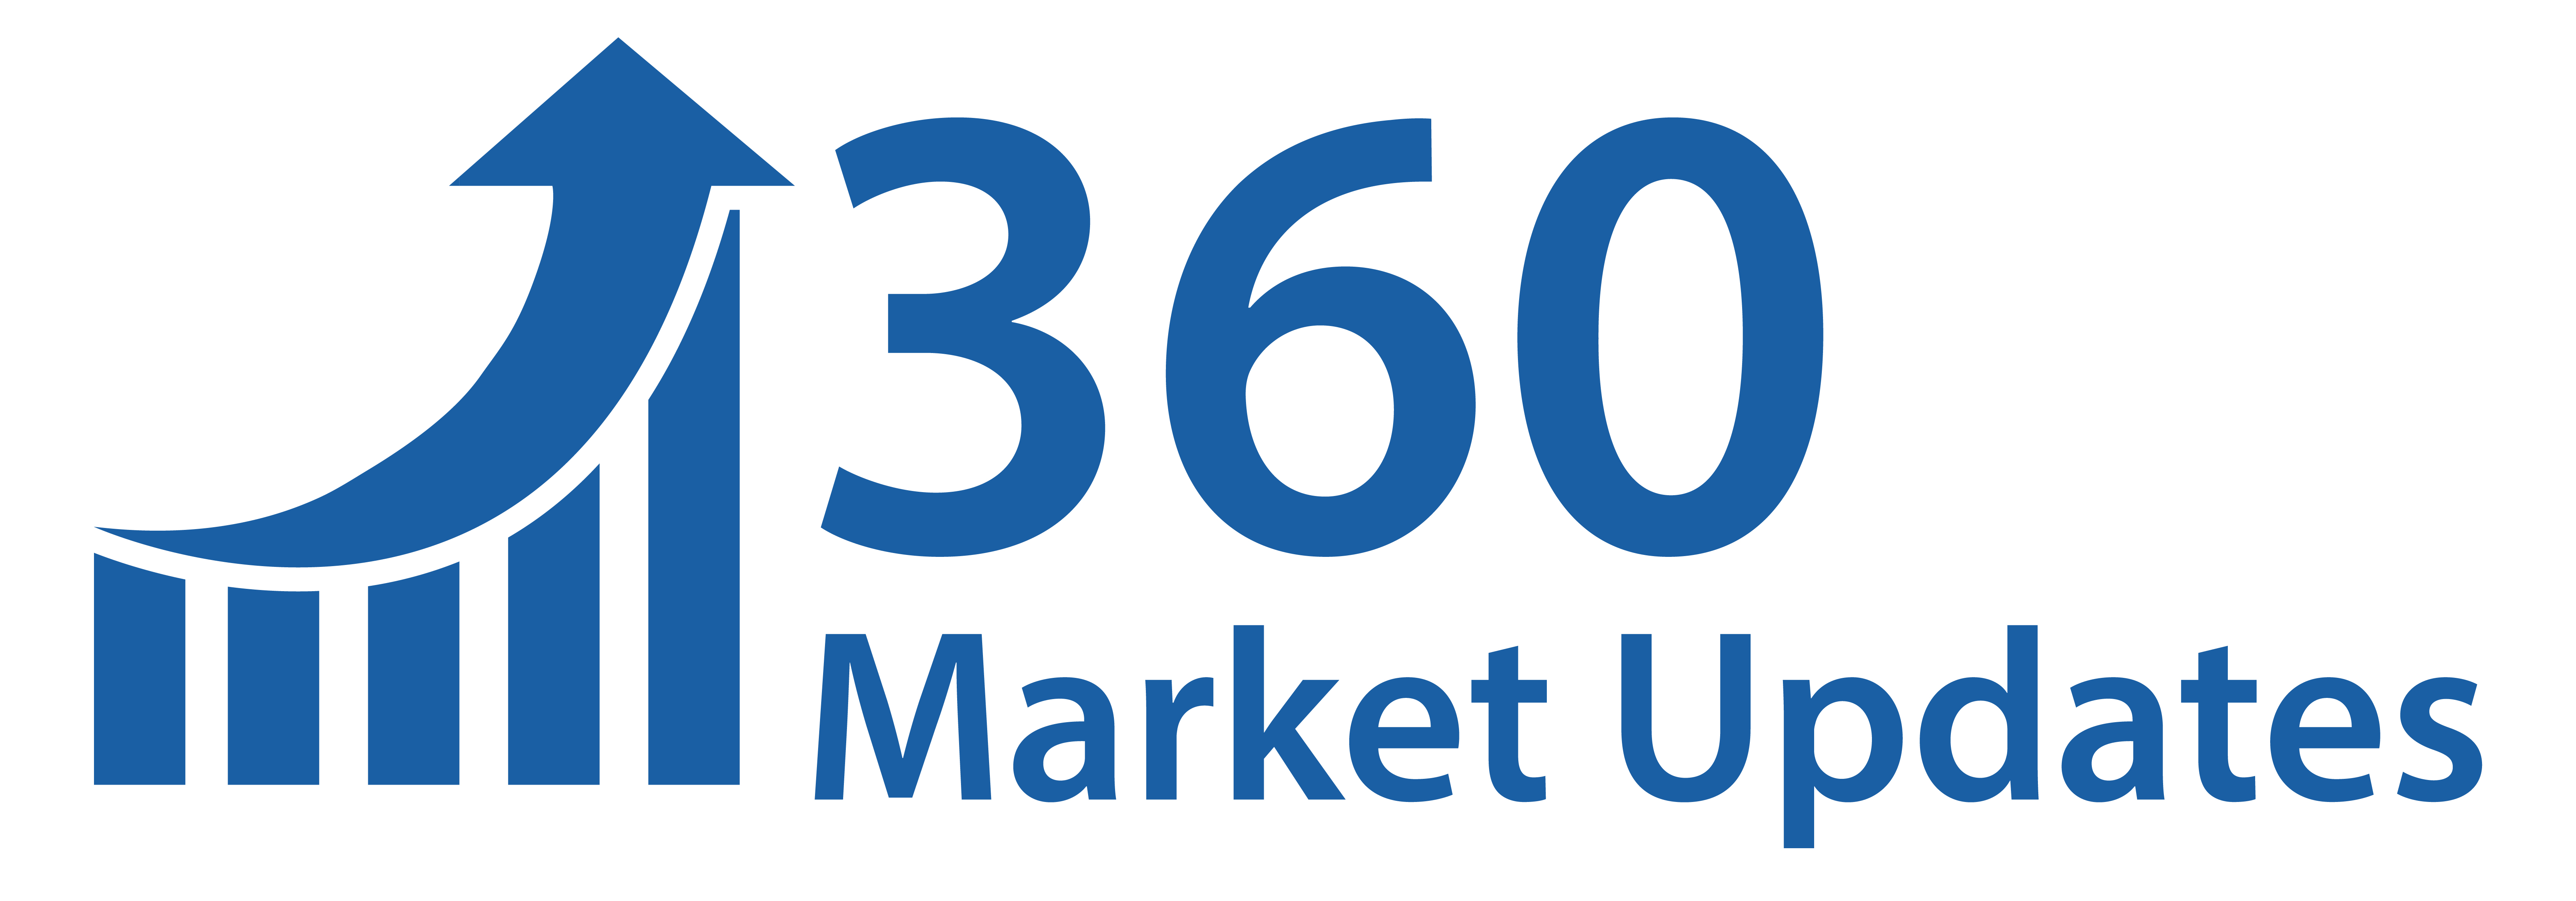 Network Security Firewall Market 2020 – Branchennachfrage, Aktie, Größe, Zukunftstrends Pläne, Wachstumschancen, Schlüsselakteure, Anwendung, Nachfrage, Branchenforschungsbericht nach Regionalprognose bis 2024